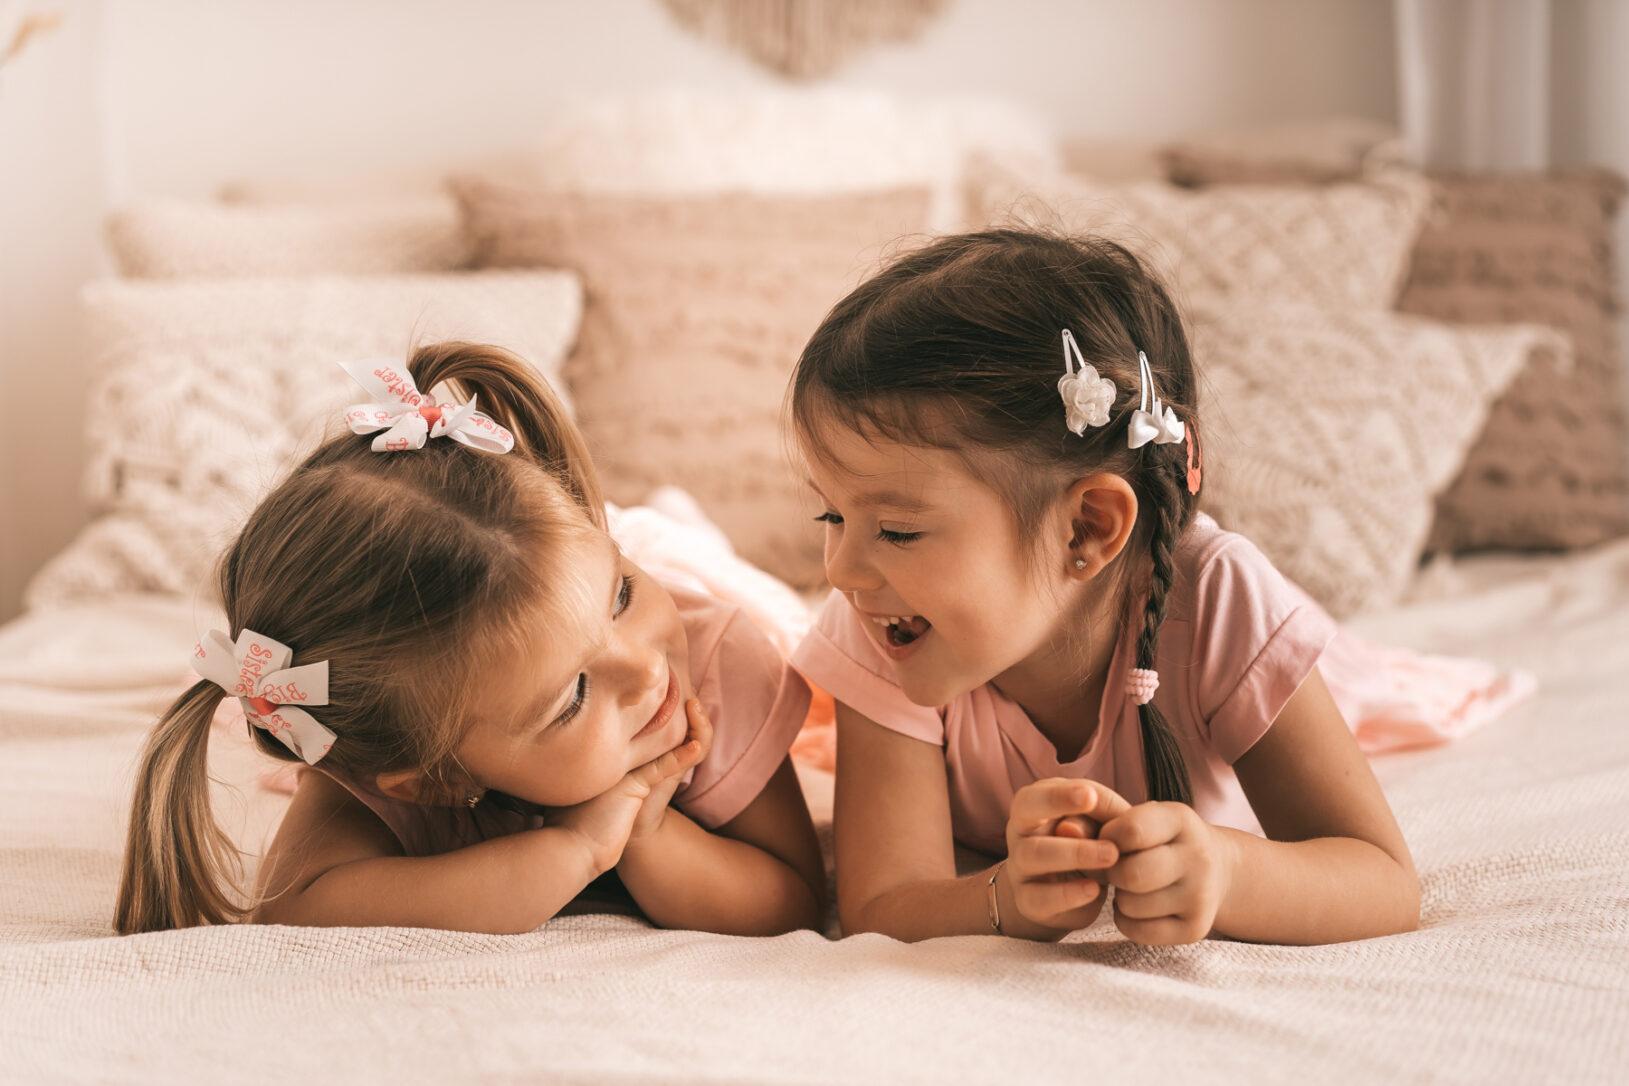 Auf dem Foto sind zwei Schwestern bei einem Familienshooting zu sehen